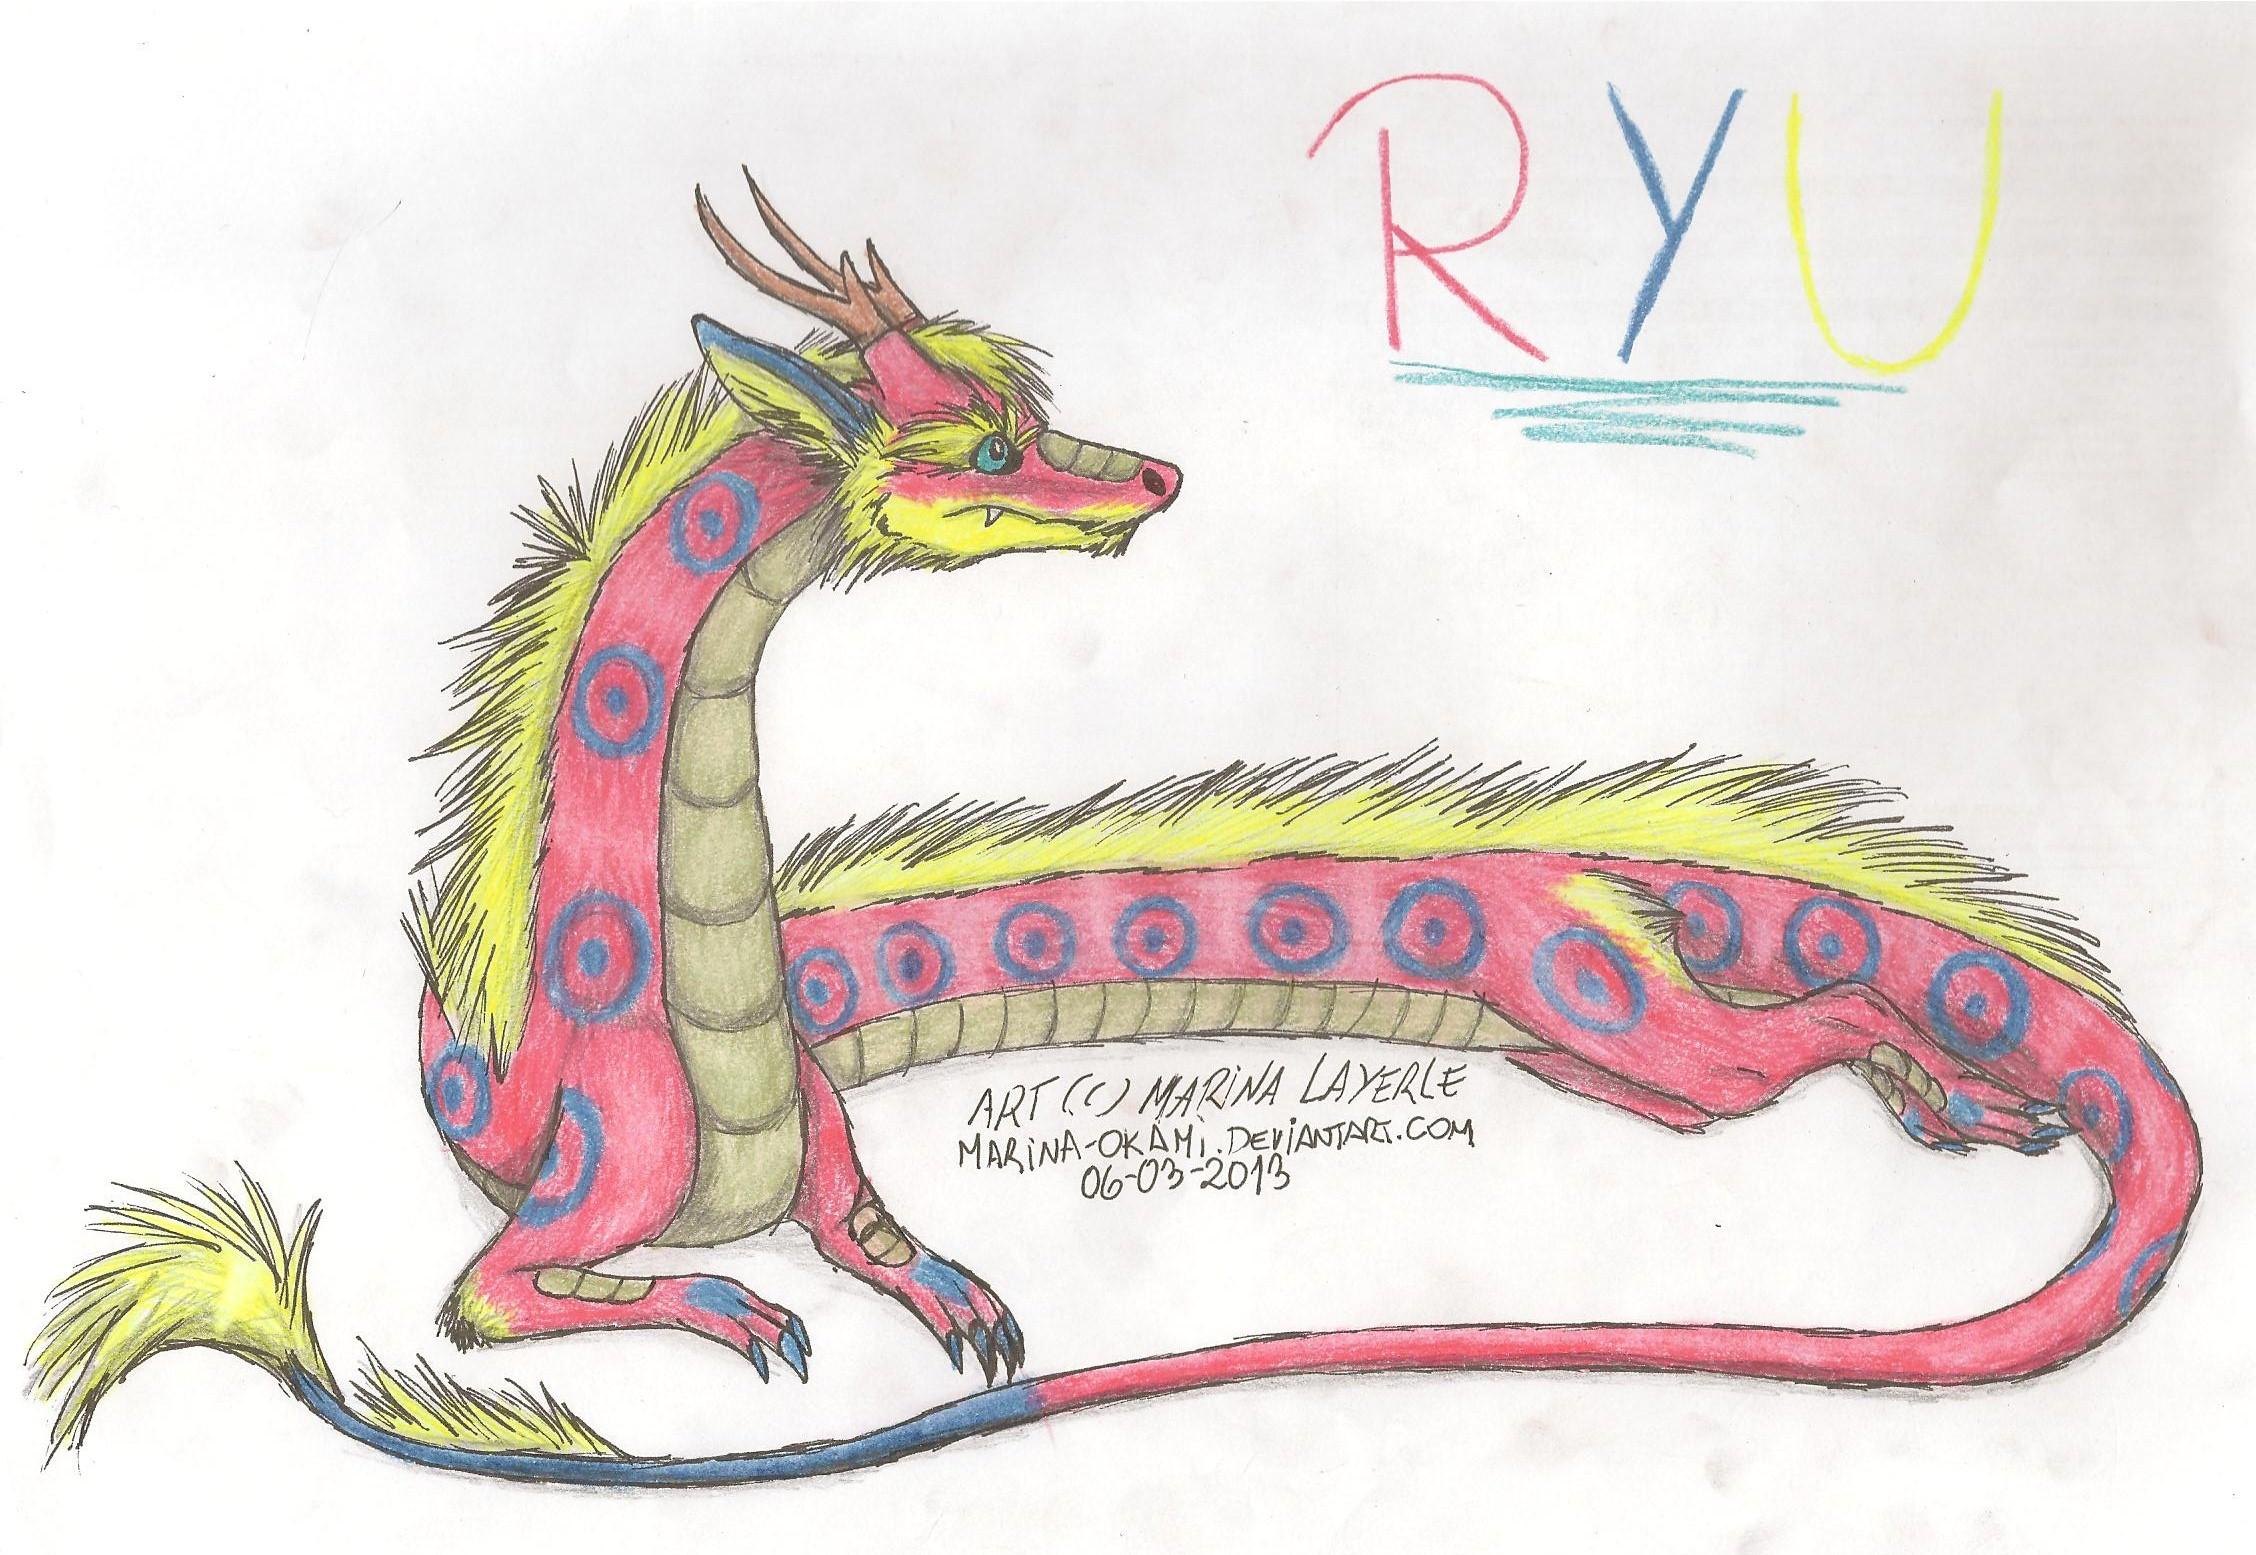 Ryu by Marina-Okami